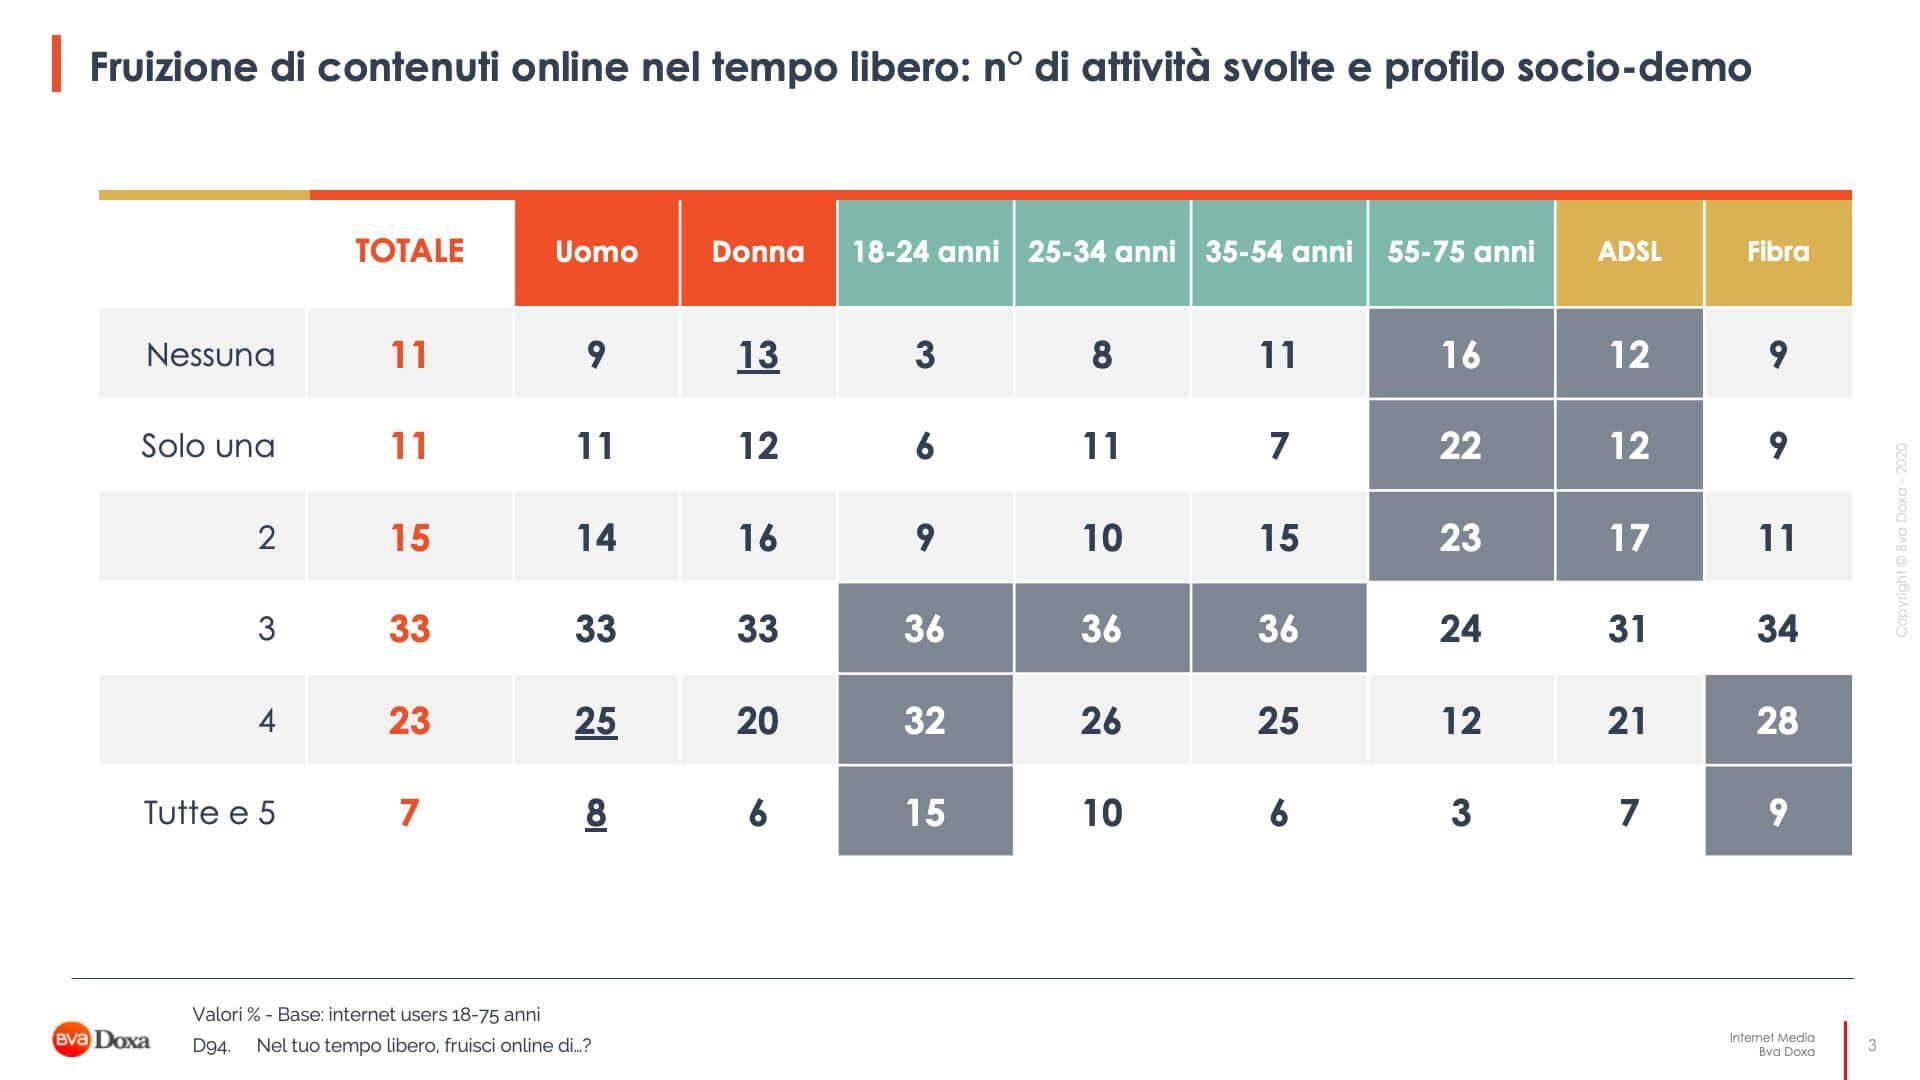 Il Mercato Dei Contenuti Digitali In Italia 3